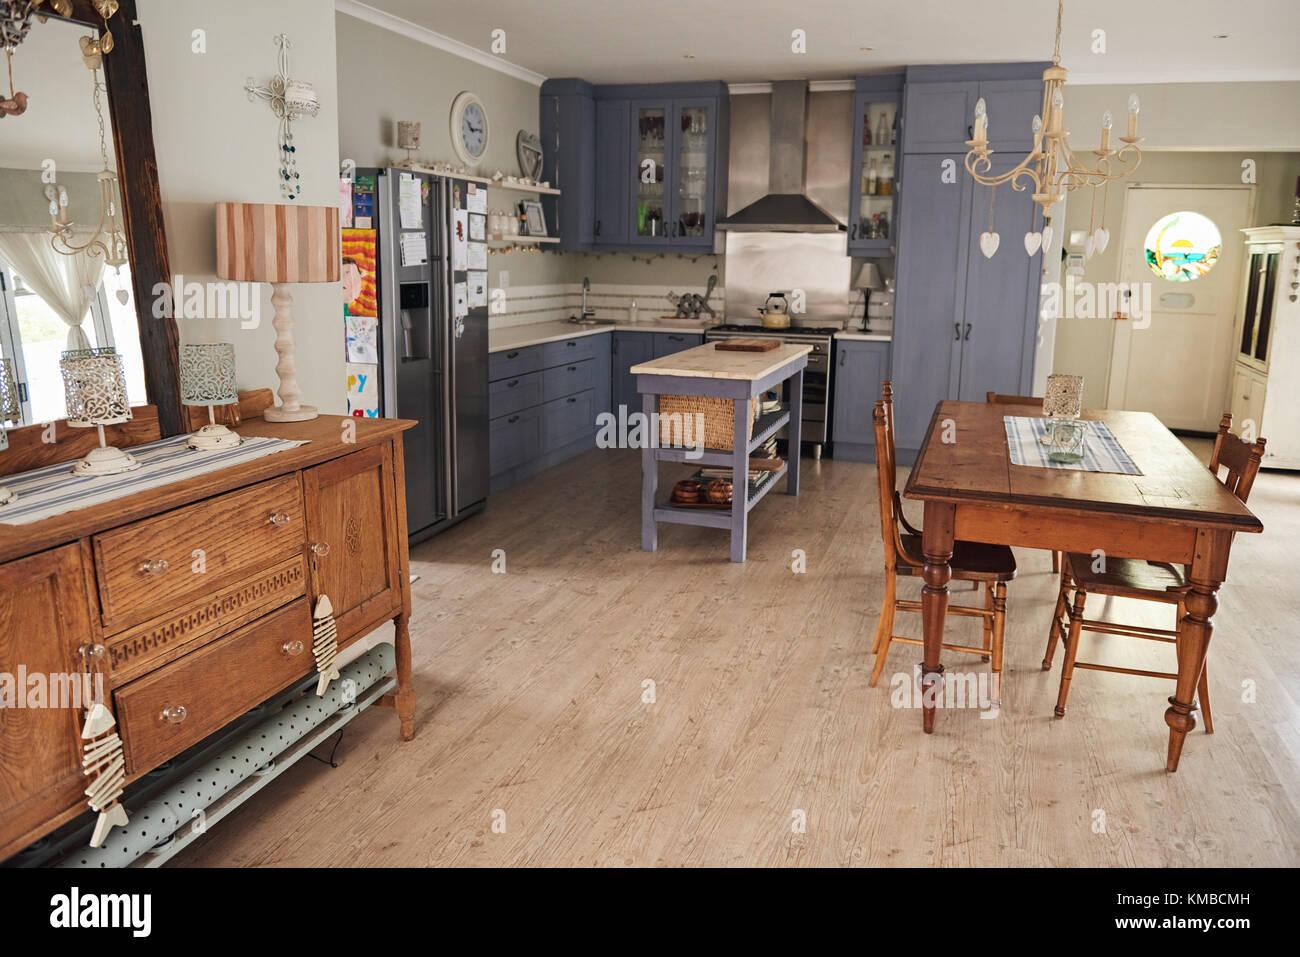 Kitchen Appliances Classic Stock Photos Kitchen